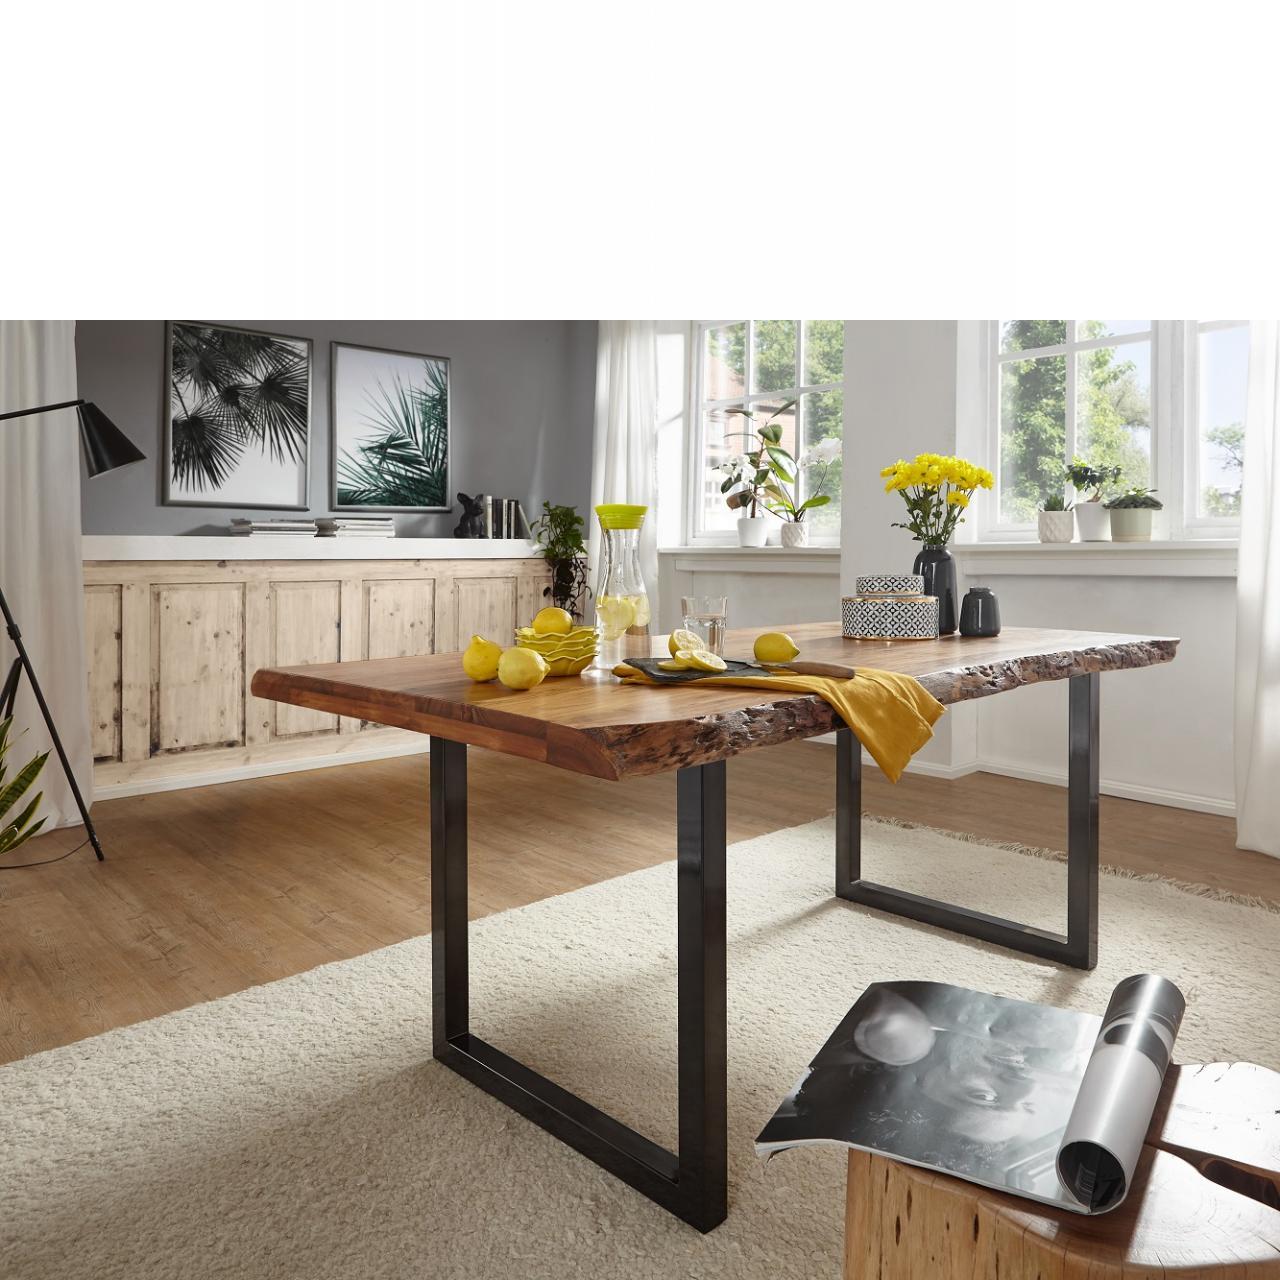 Esstisch TI-0481 140x90 cm Akazie Massiv Eisen U-Form Natur Silber Küchentisch Tisch Esszimmer